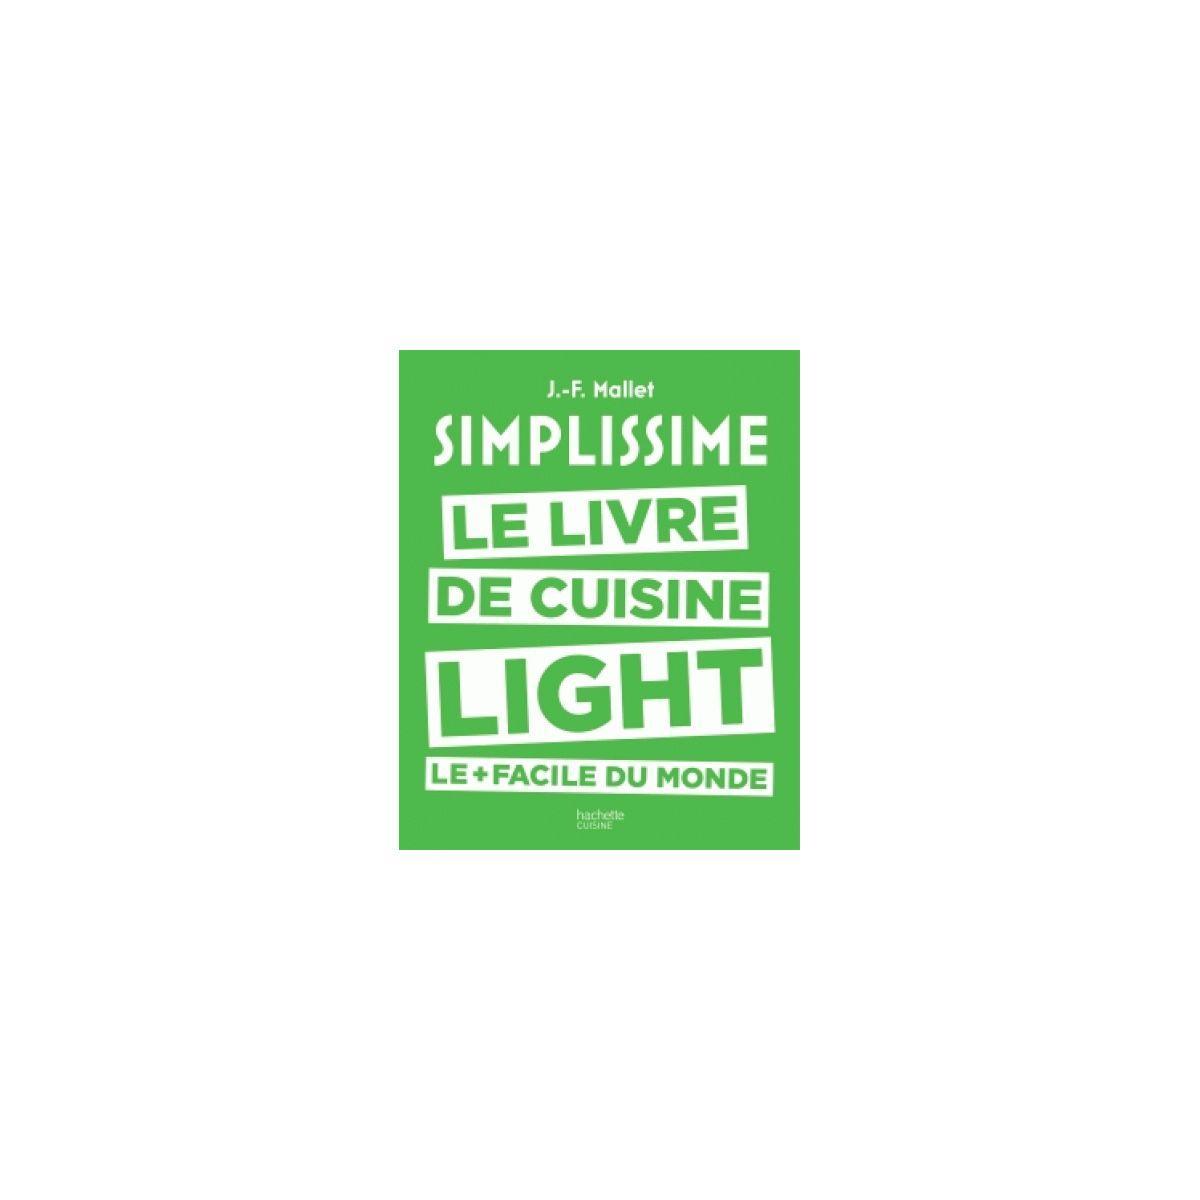 Livre hachette simplissime light - la sélection webdistrib.com (photo)